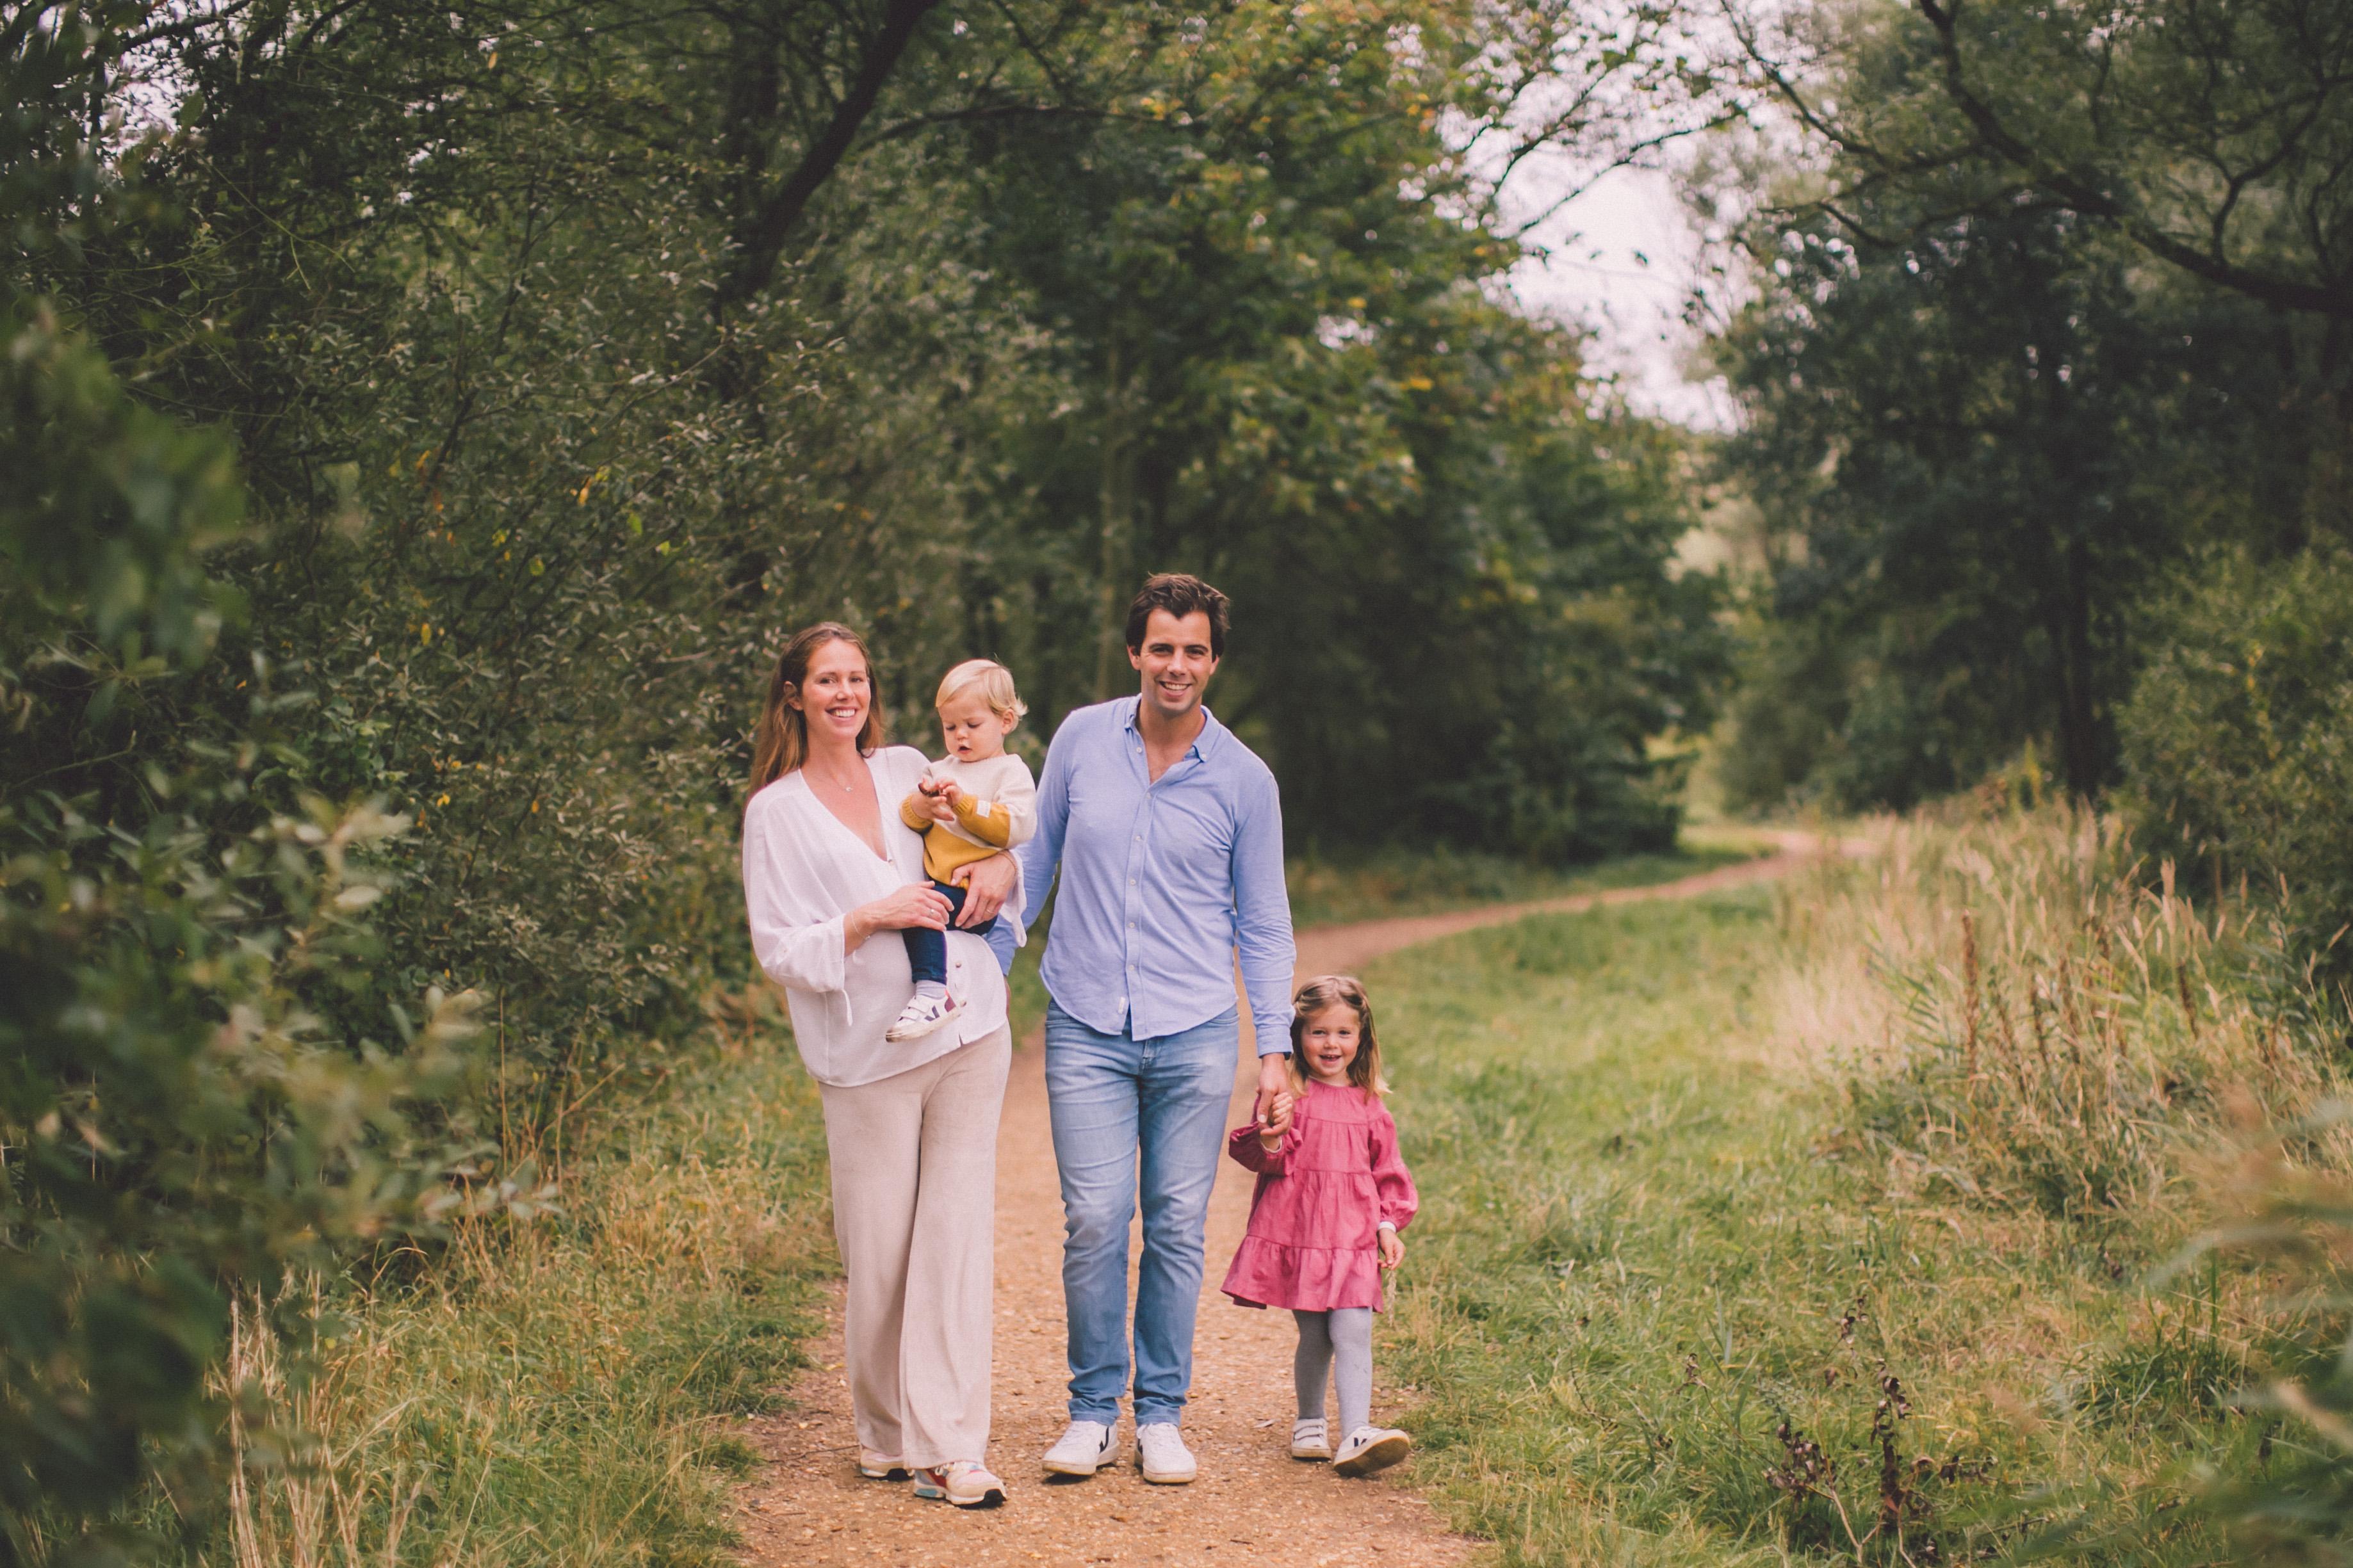 FAMILIE VAN GUCHT-1437